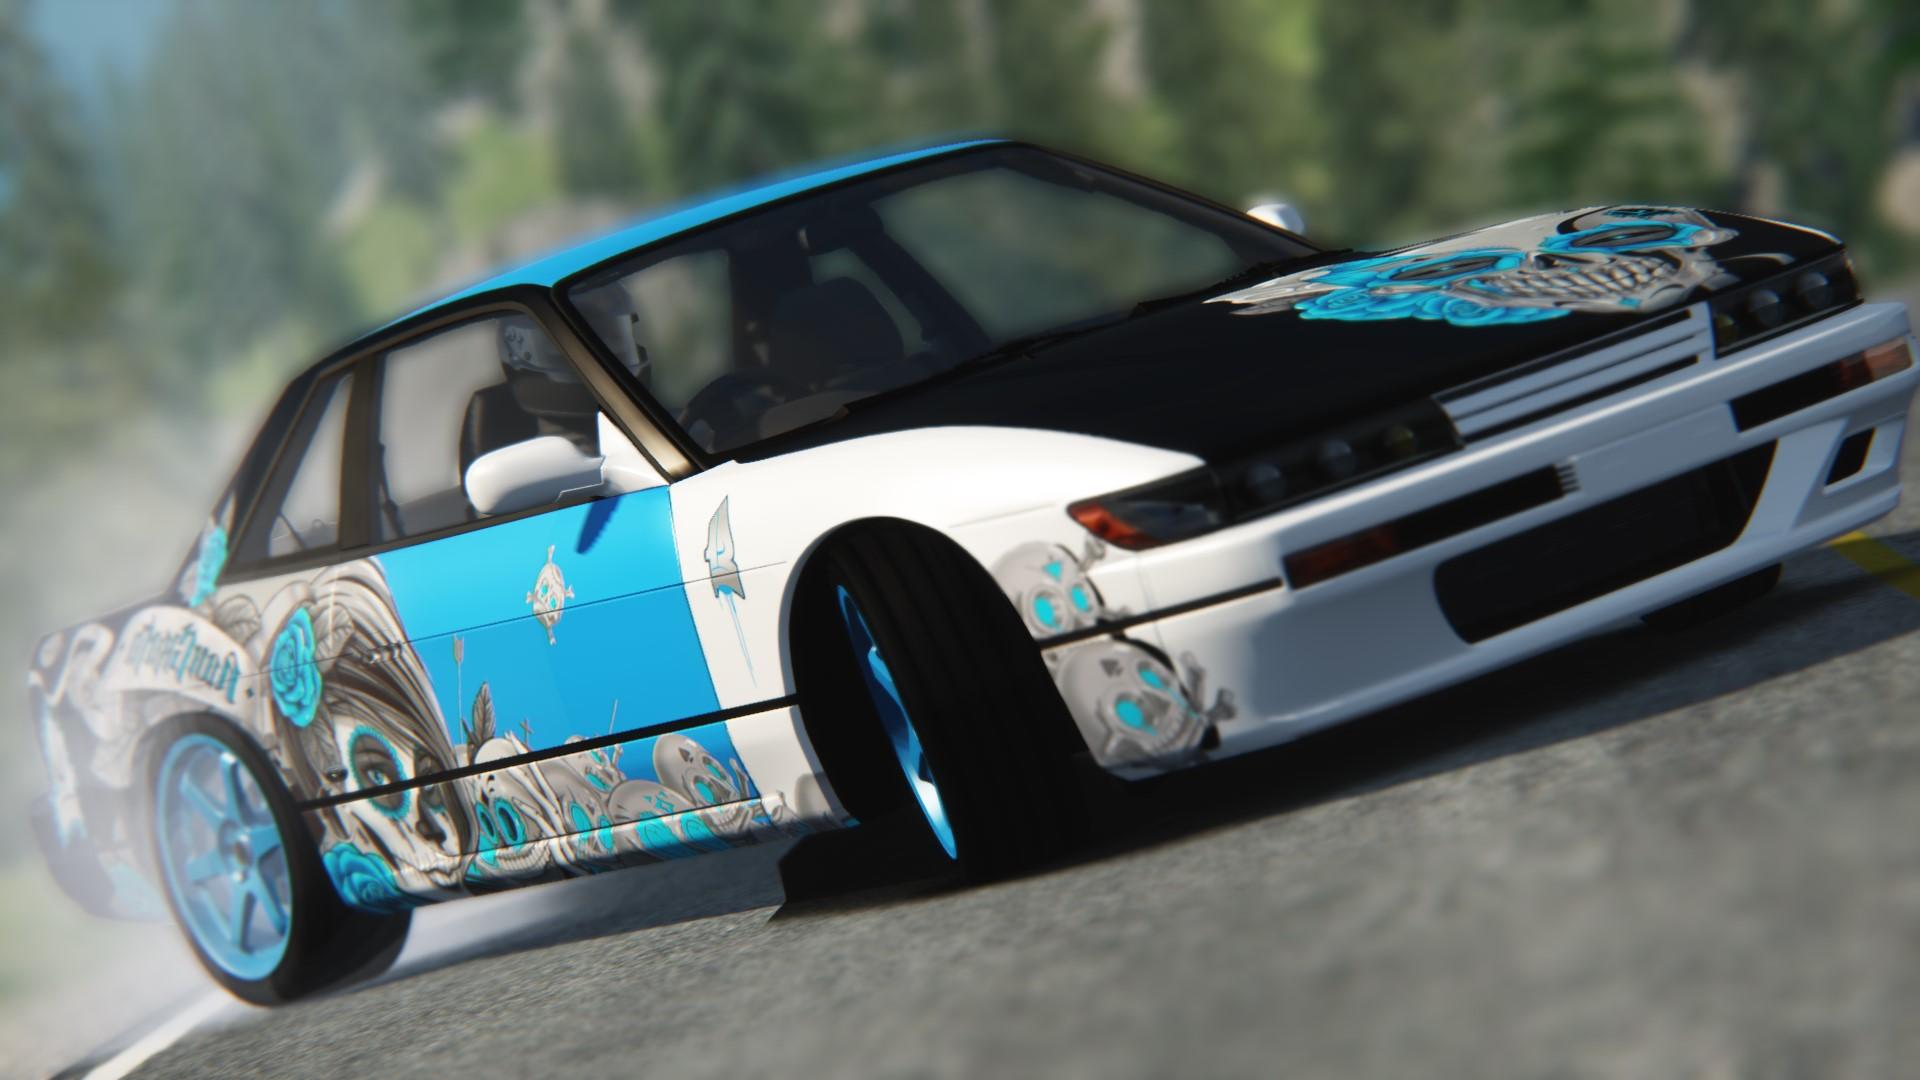 Skins - Nissan Silvia S13 Drift NonGrata skin